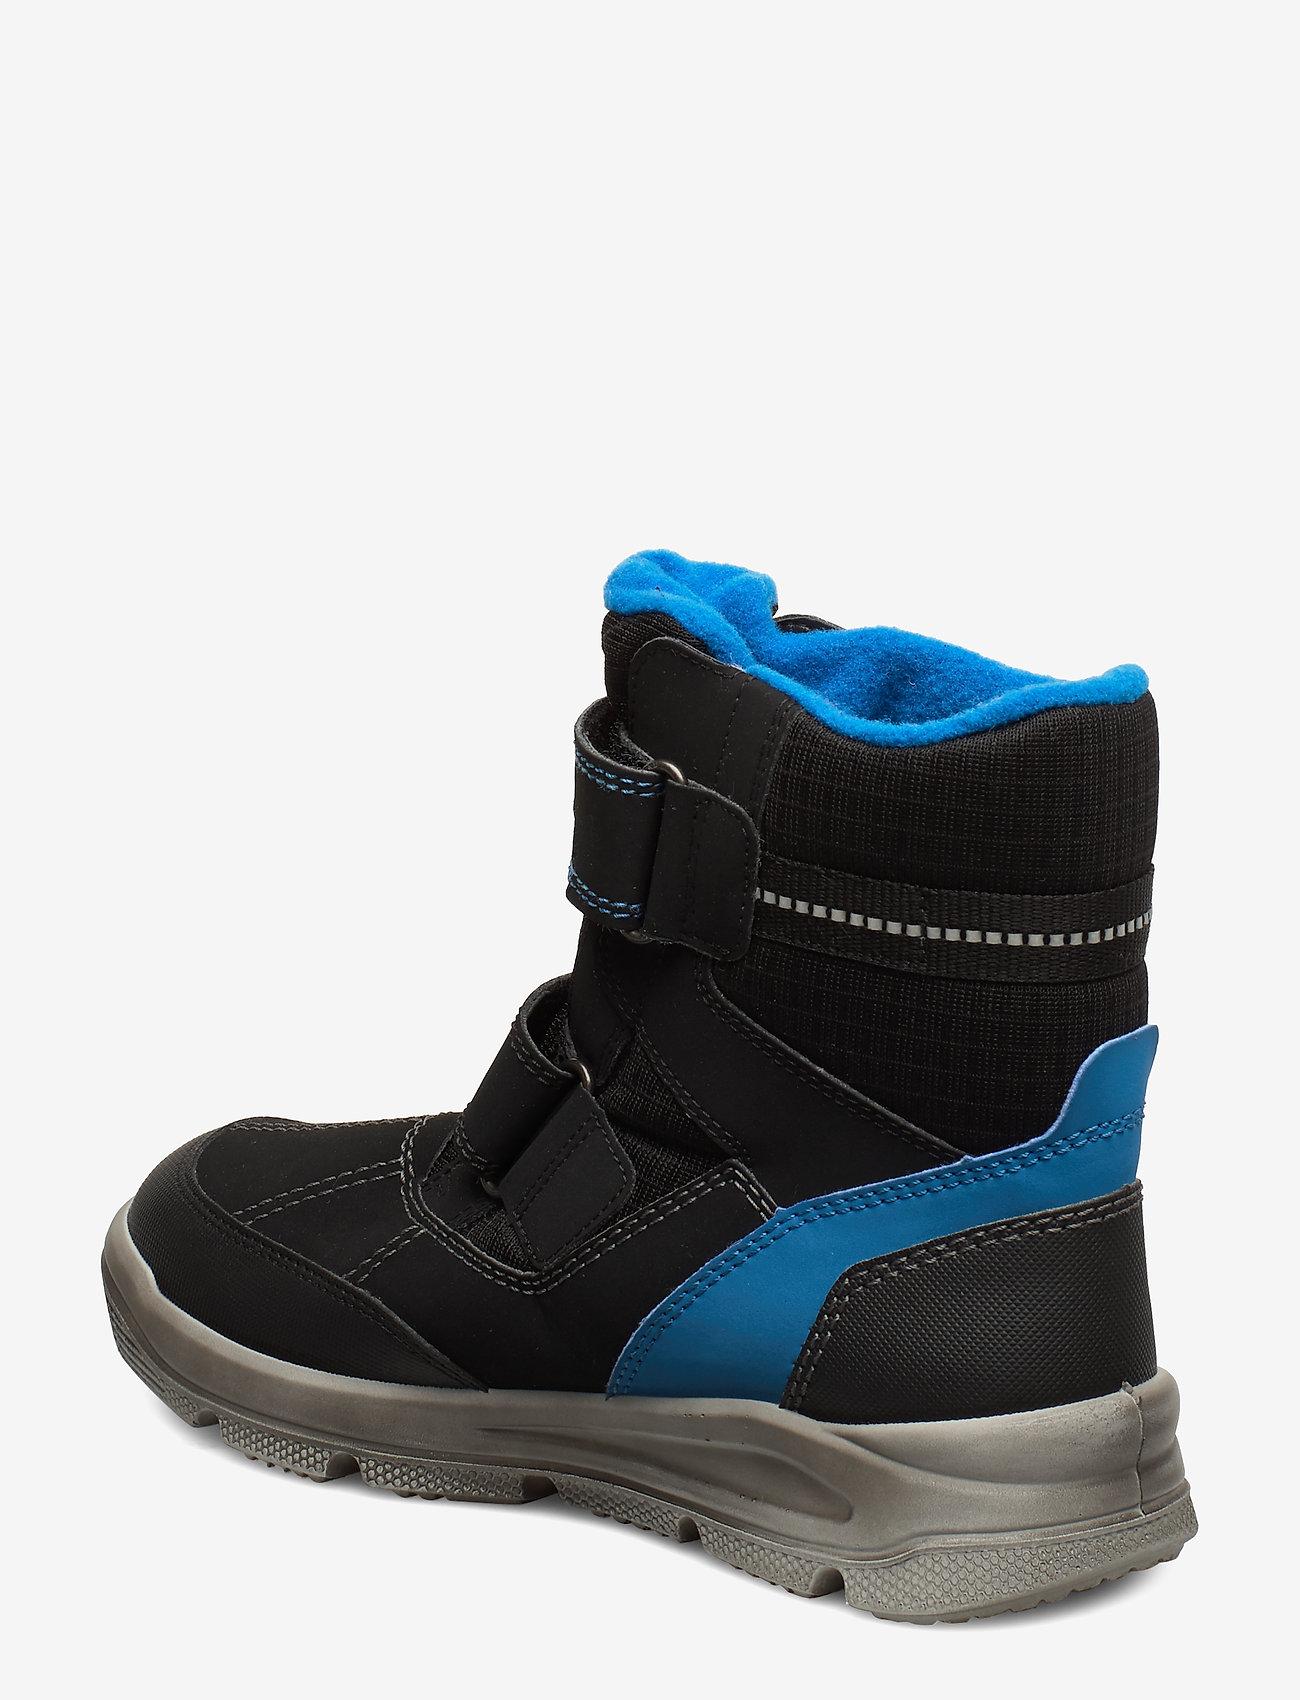 Superfit Mars - Stövlar & Kängor Black/blue